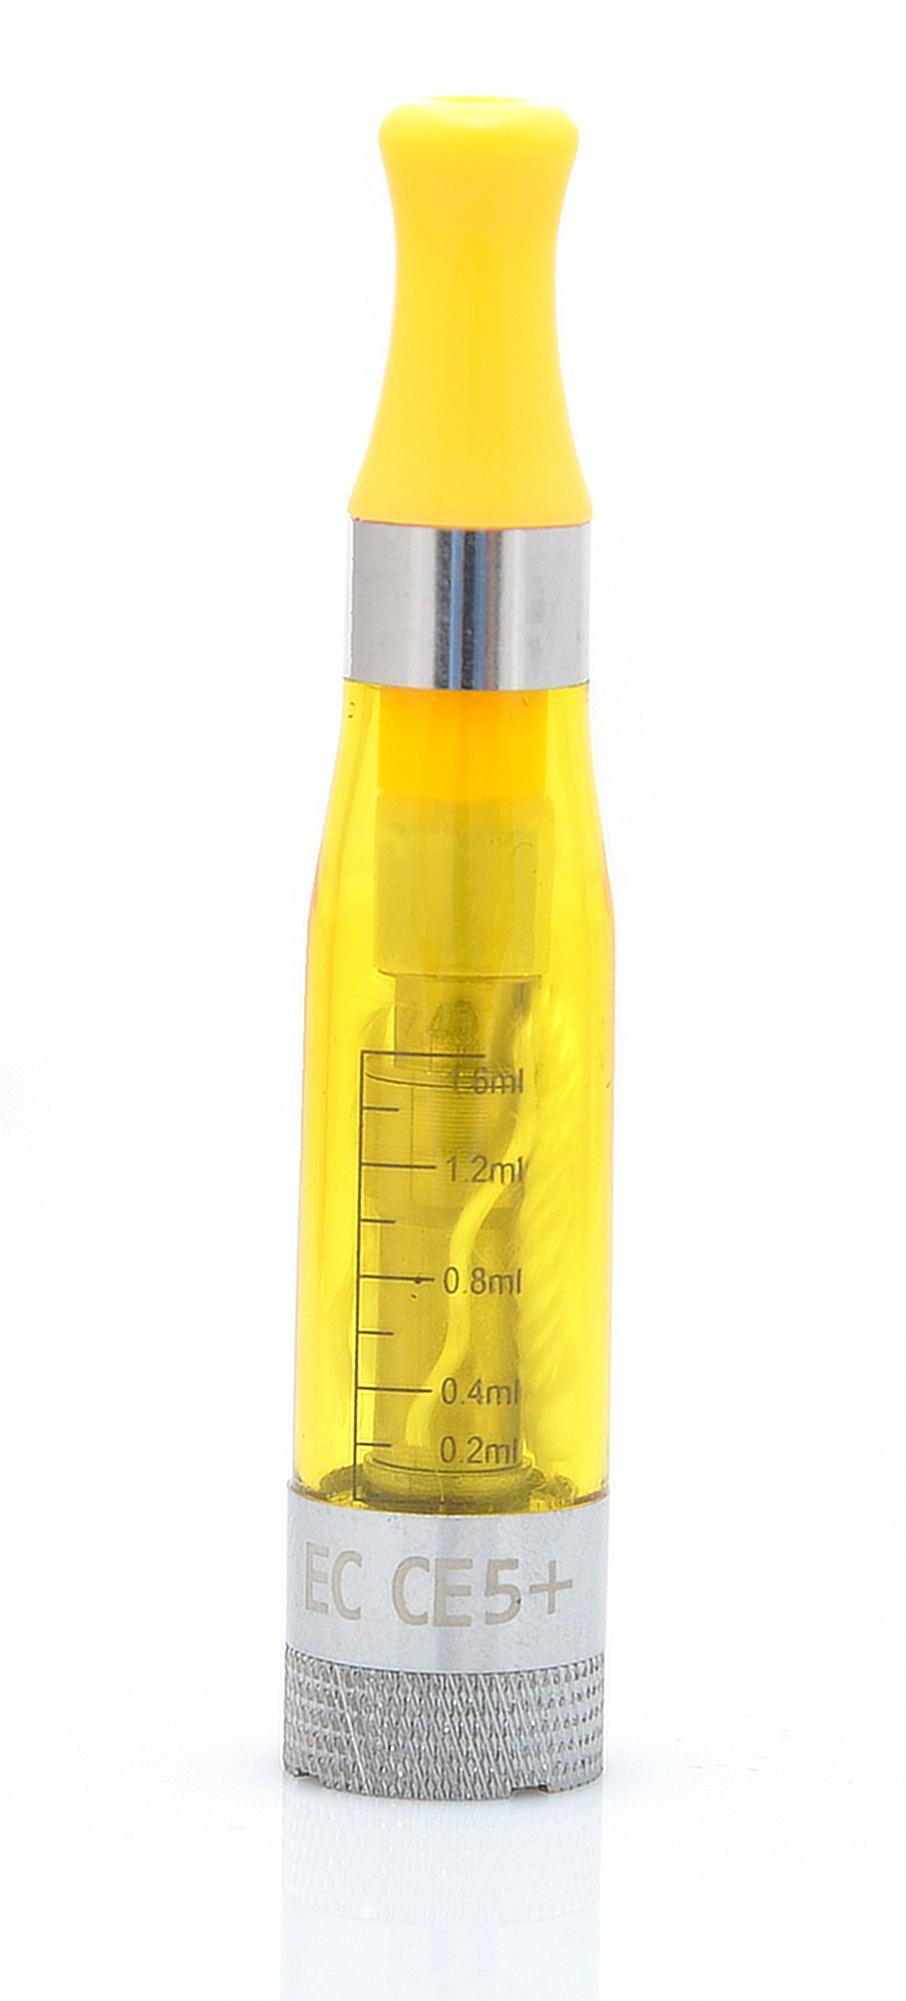 EC-Original EC CE5+ Barva: Žlutá, Odpor: 2,4ohm, Objem: 1,6ml, Náustek: V barvě clearomizéru, Tip: eGo, Plnění: Vrchní, Barva základny: Stříbrná, Nádržka: Plast